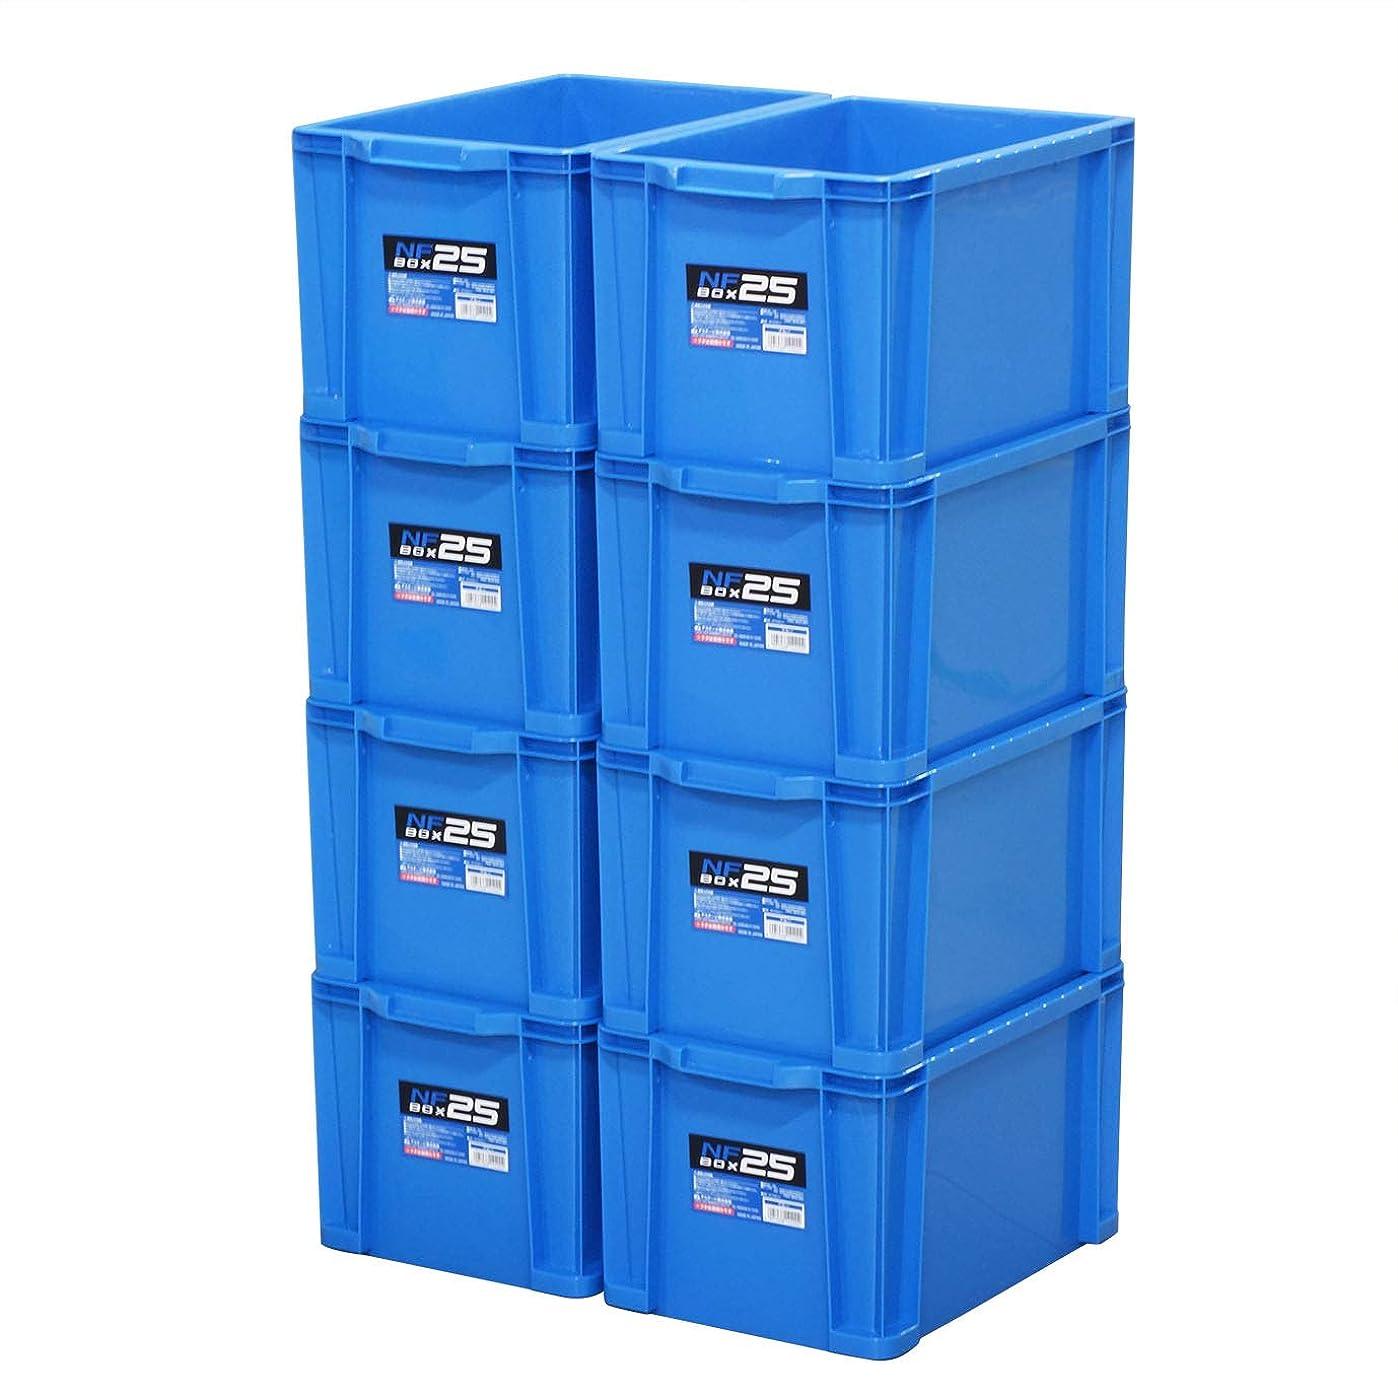 巧みな玉はぁアステージ(Astage) 収納ボックス コンテナ NFボックス #25 ブルー 奥行43.5×高さ24.5×幅28.7cm 8個入8個セット